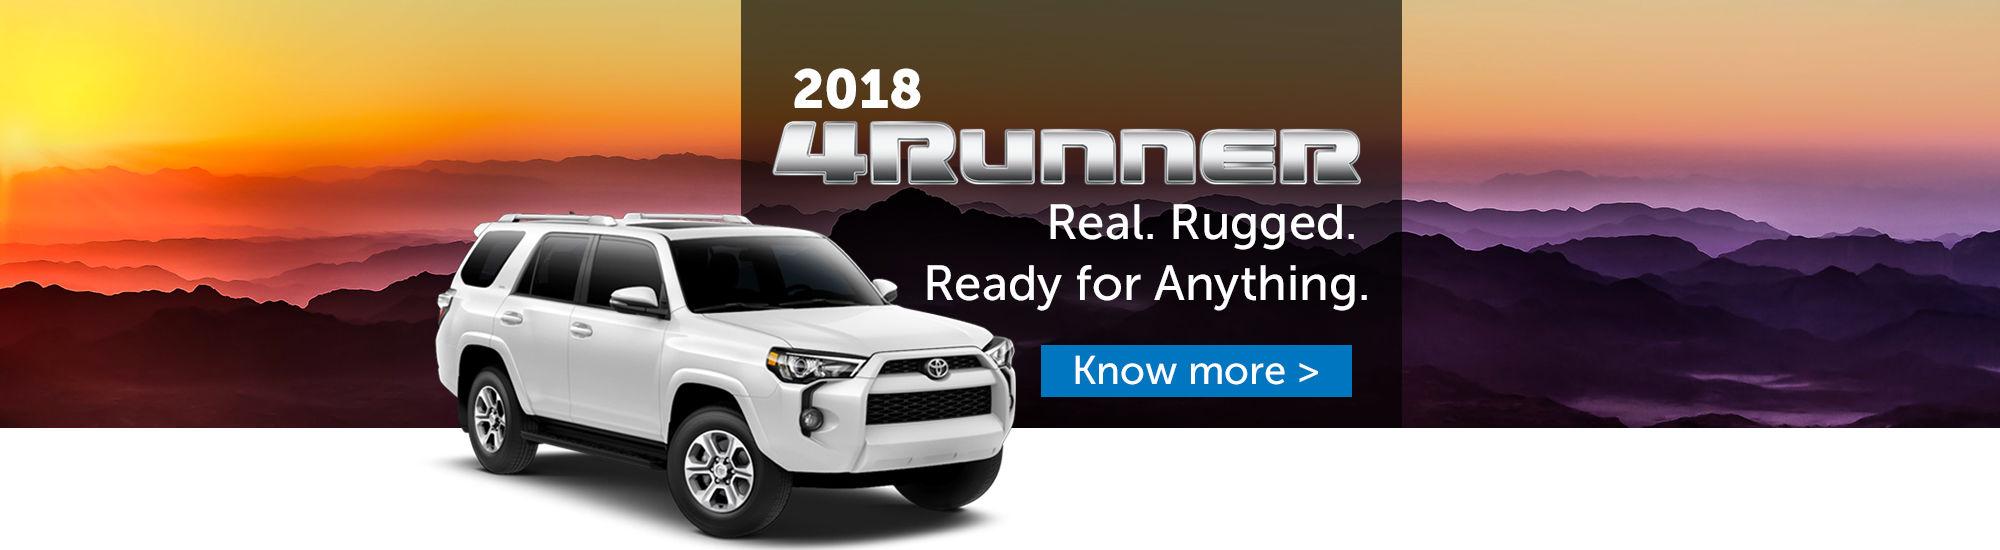 2018 4Runner